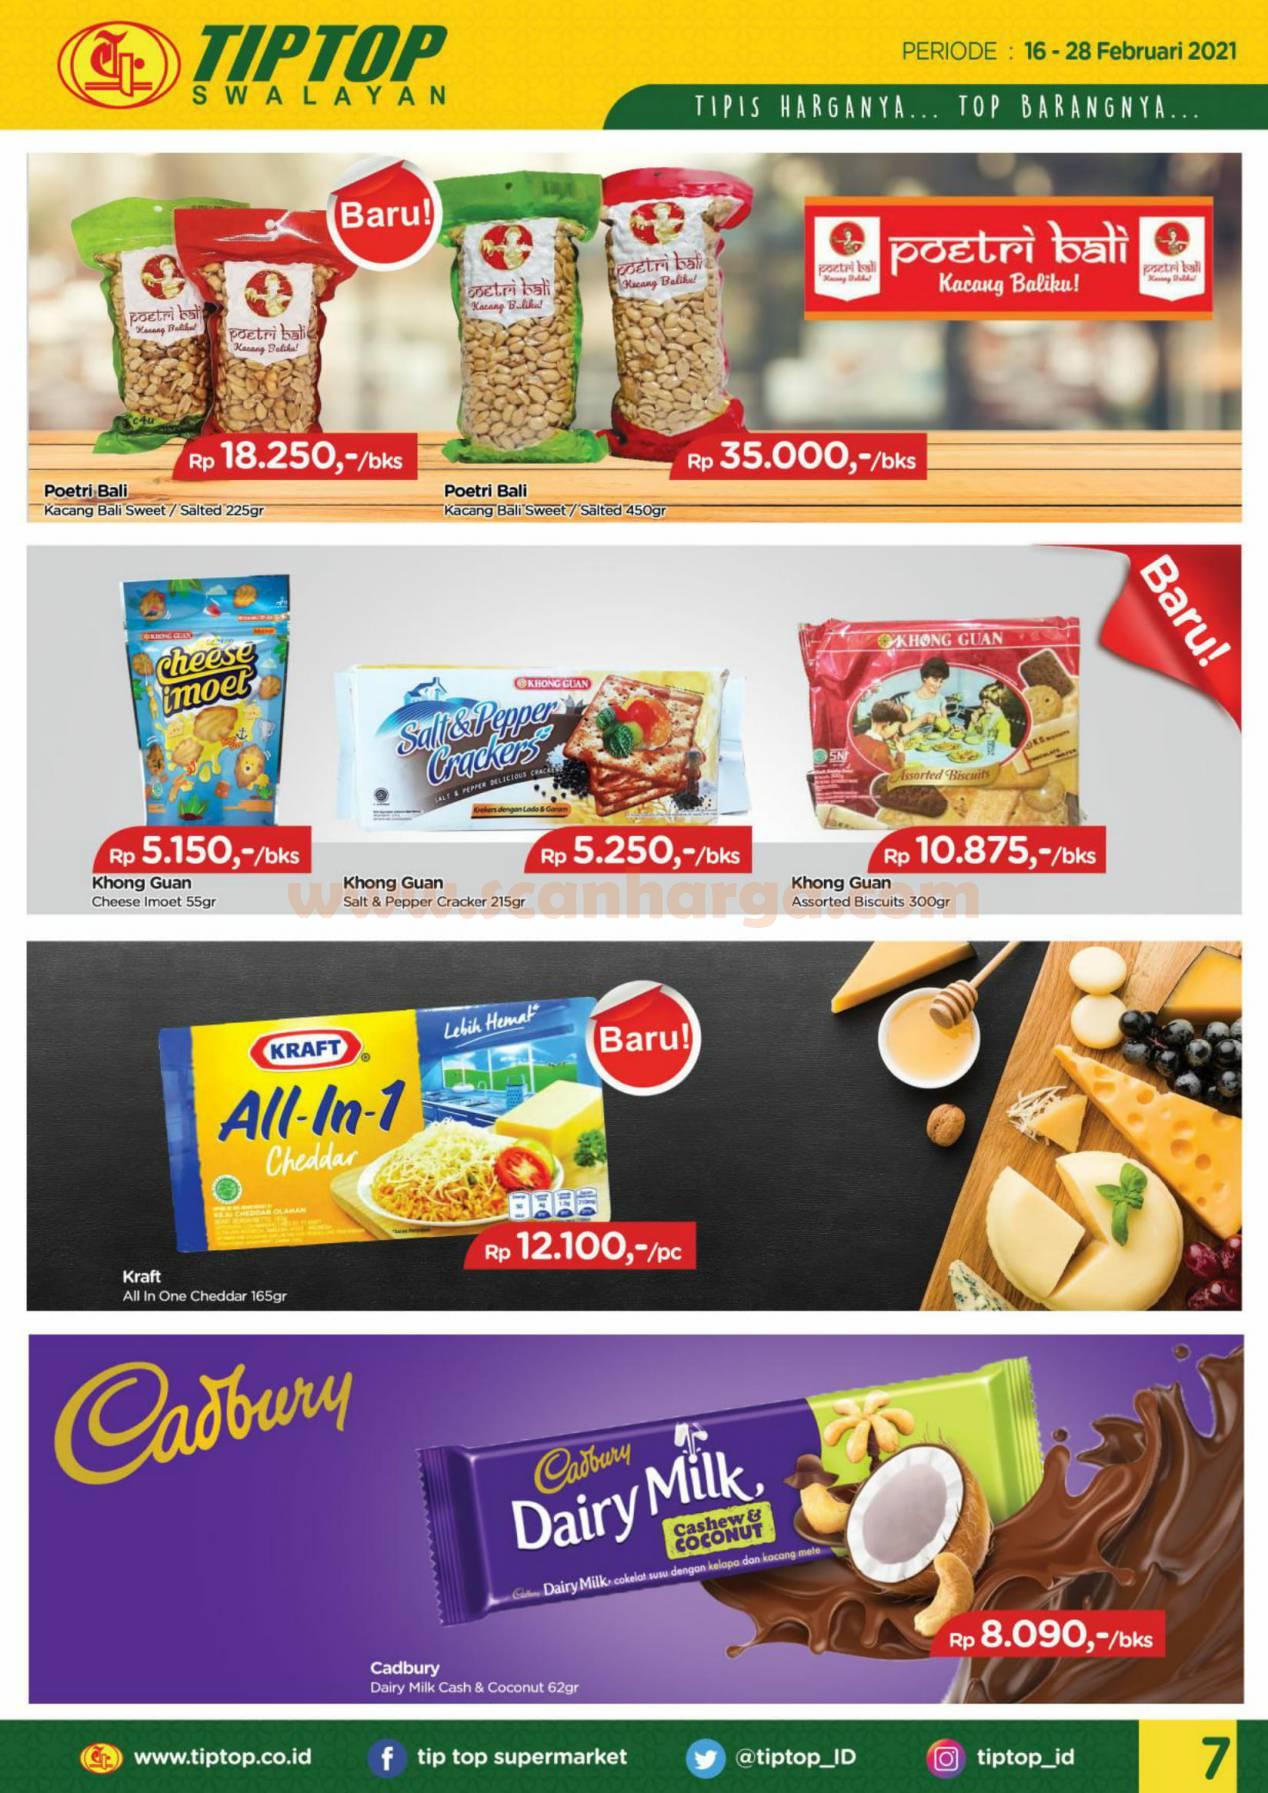 Katalog Promo Tip Top Pasar Swalayan 16 - 28 Februari 2021 7